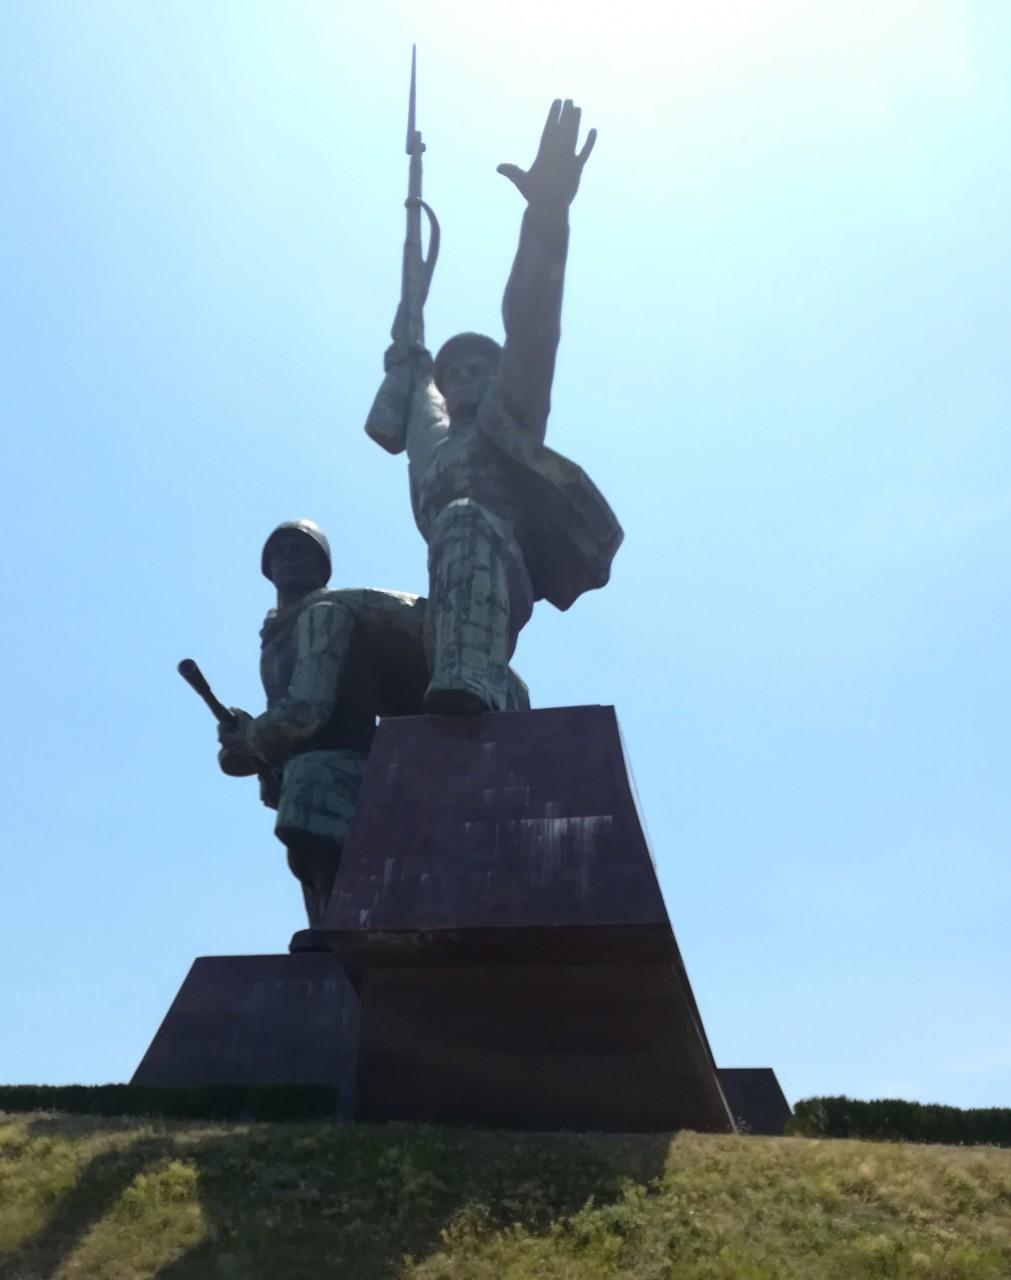 Памятник матросу и солдату крым, путешествие, туризм